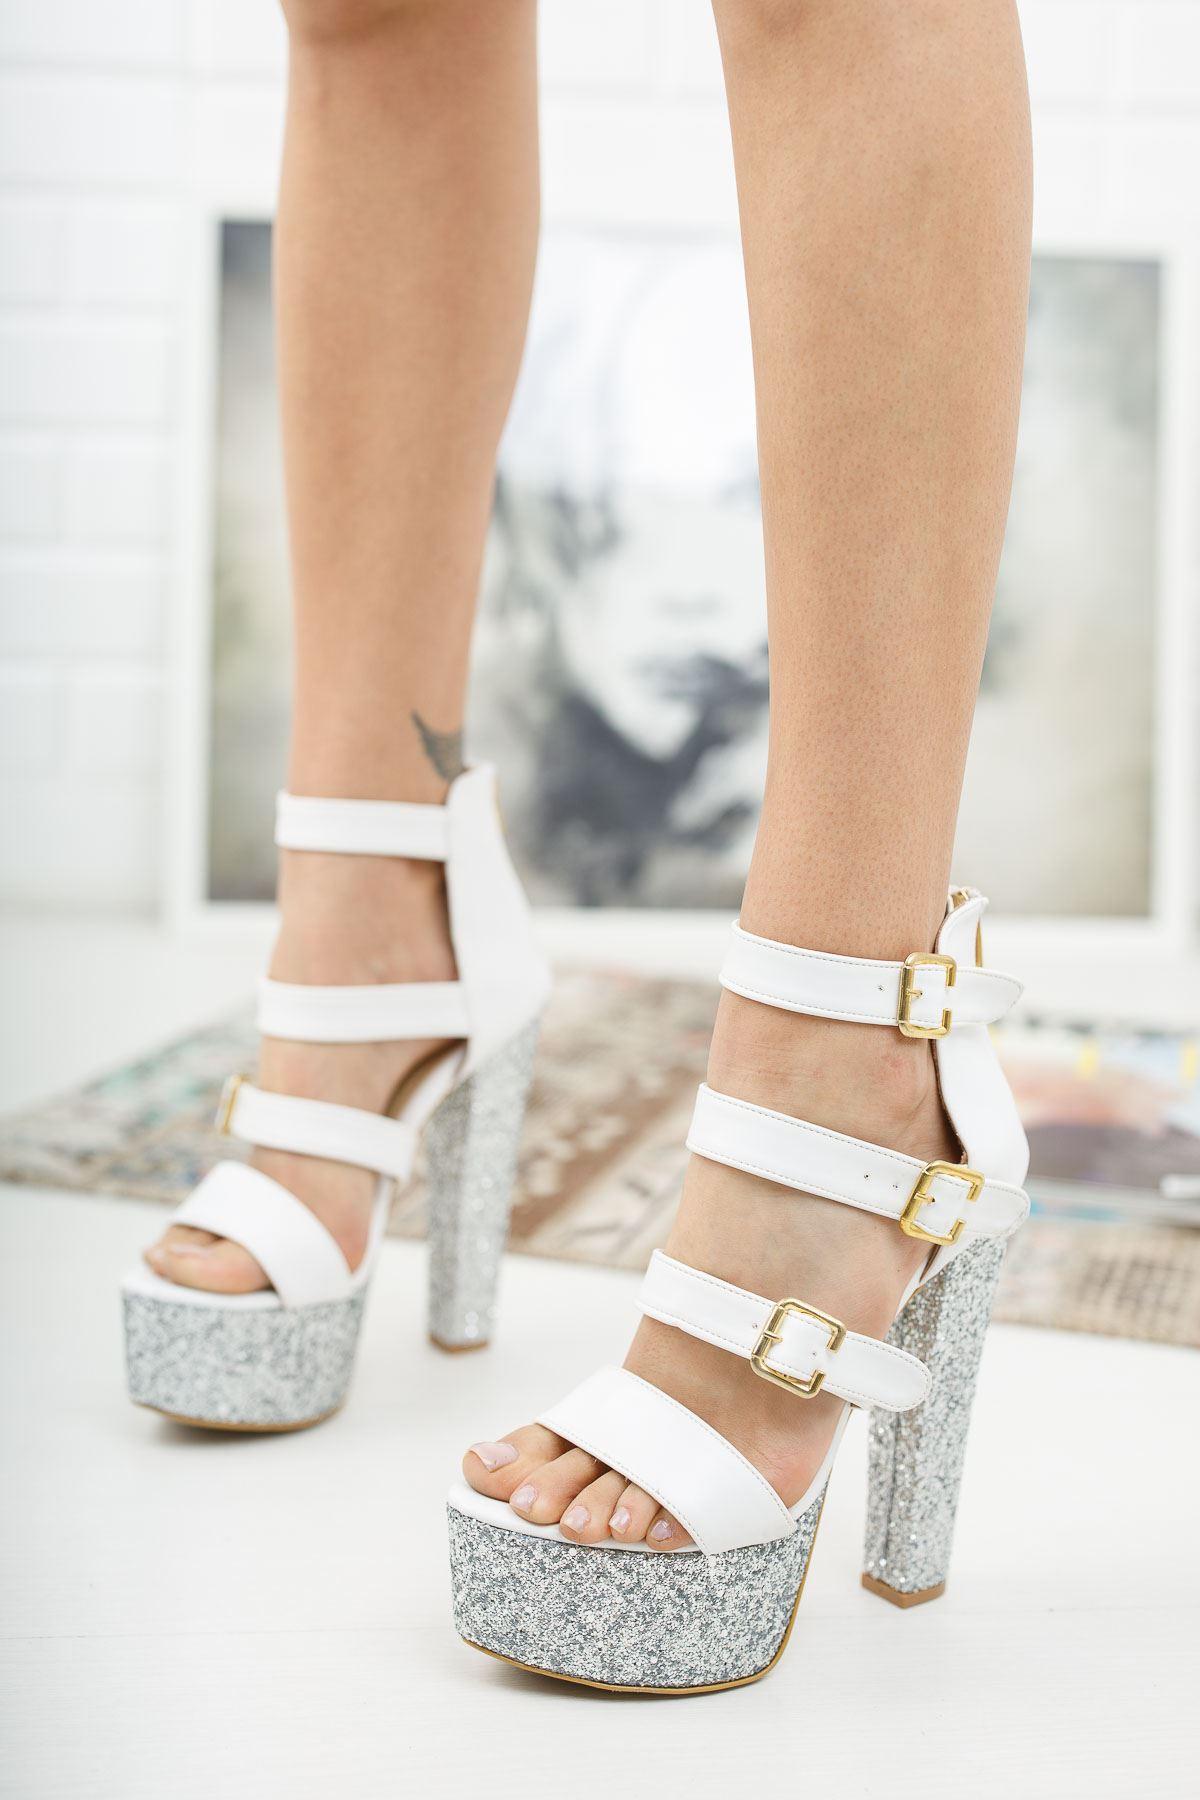 Khayla Beyaz Cilt Patin Taş Yüksek Topuklu Kadın Ayakkabı